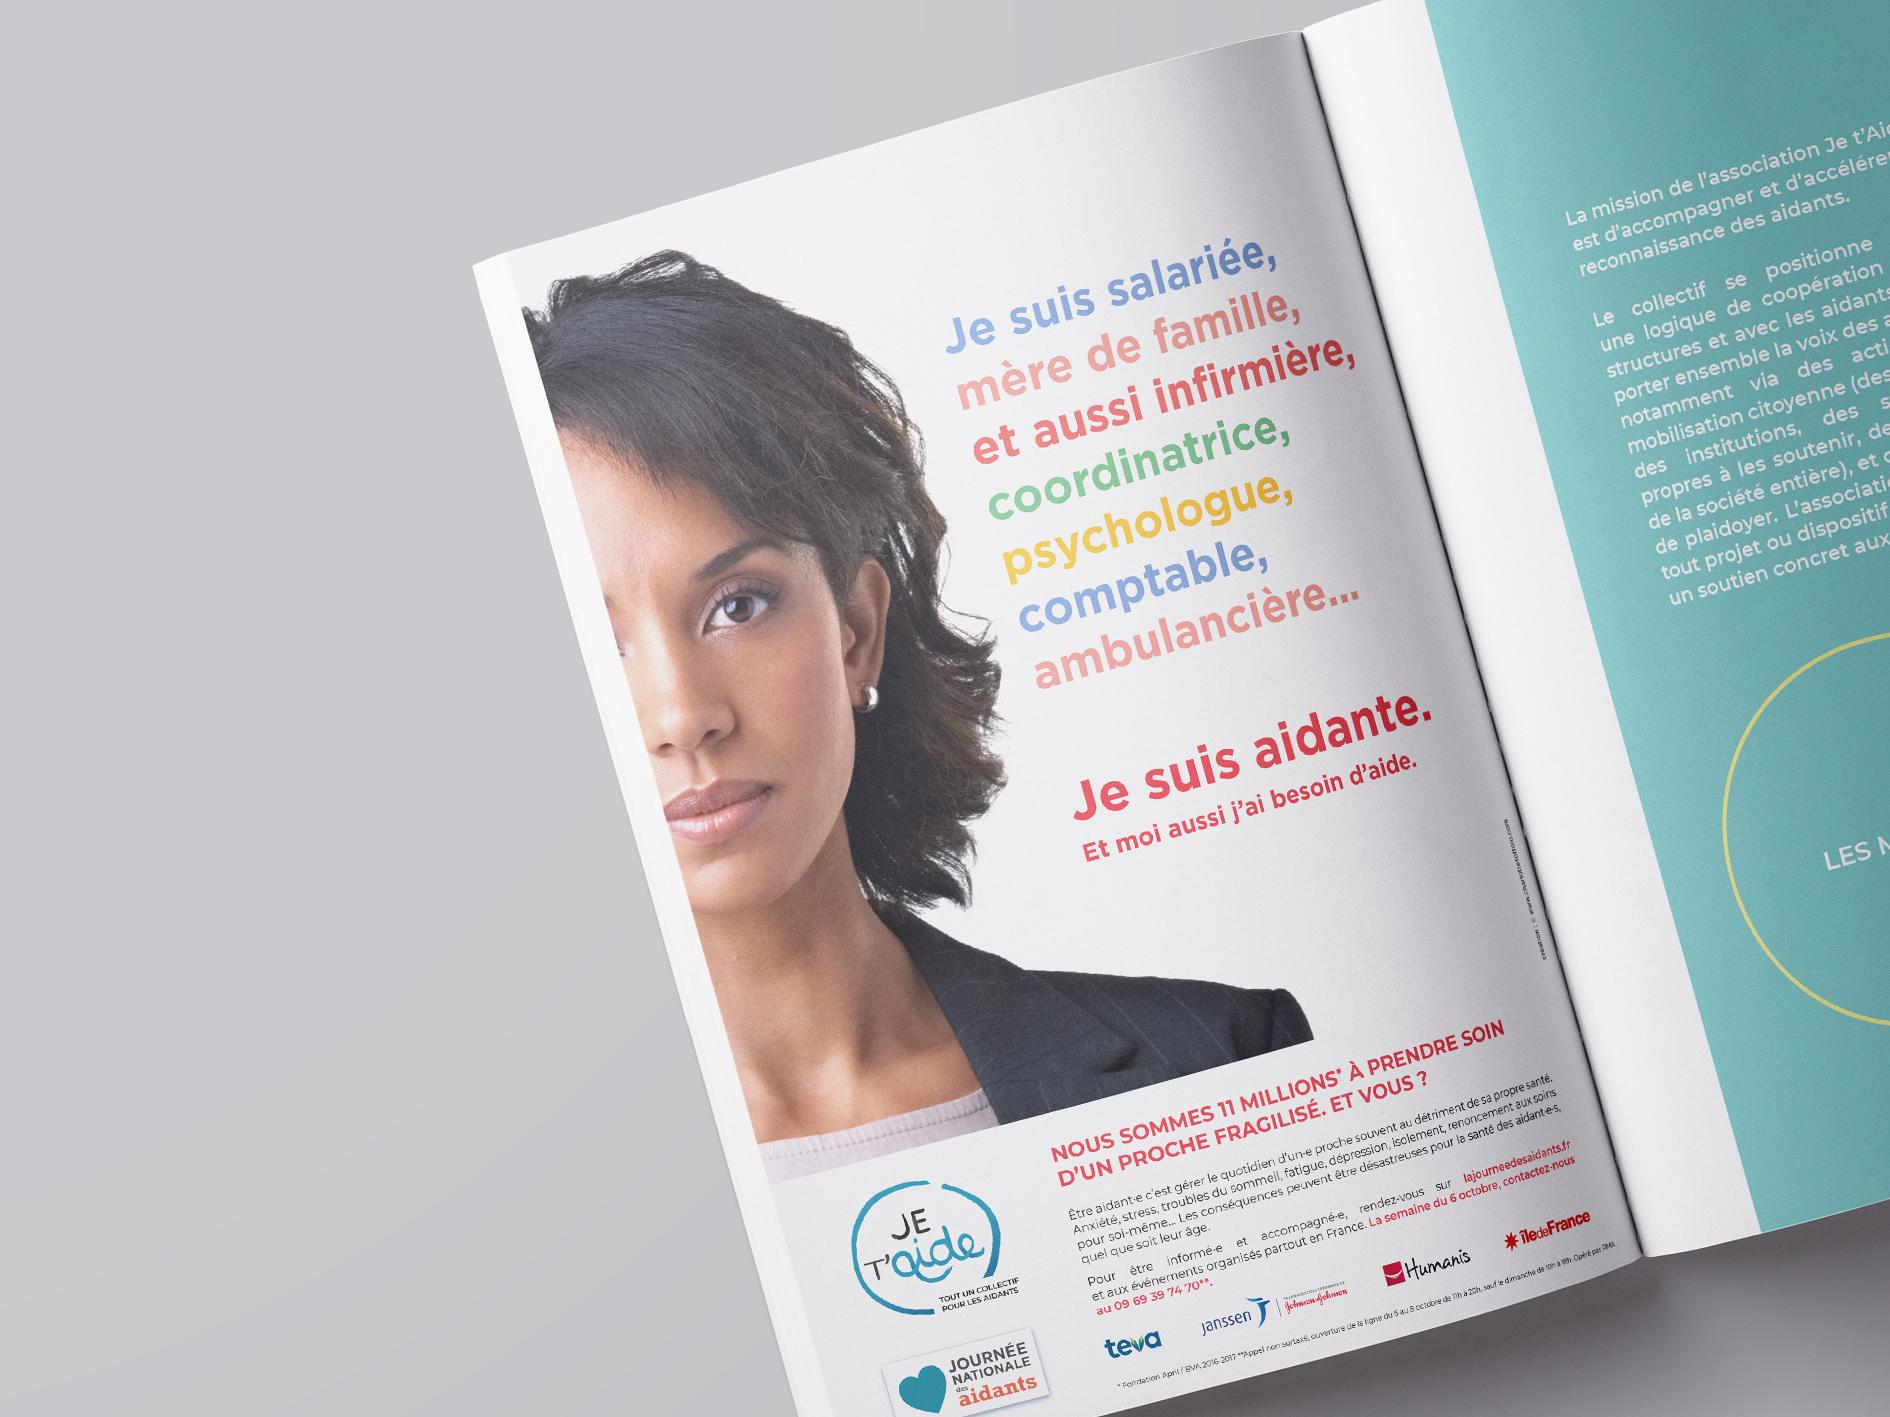 Annonc presse. Campagne de communication pour Collectif Je t'aide. 2018